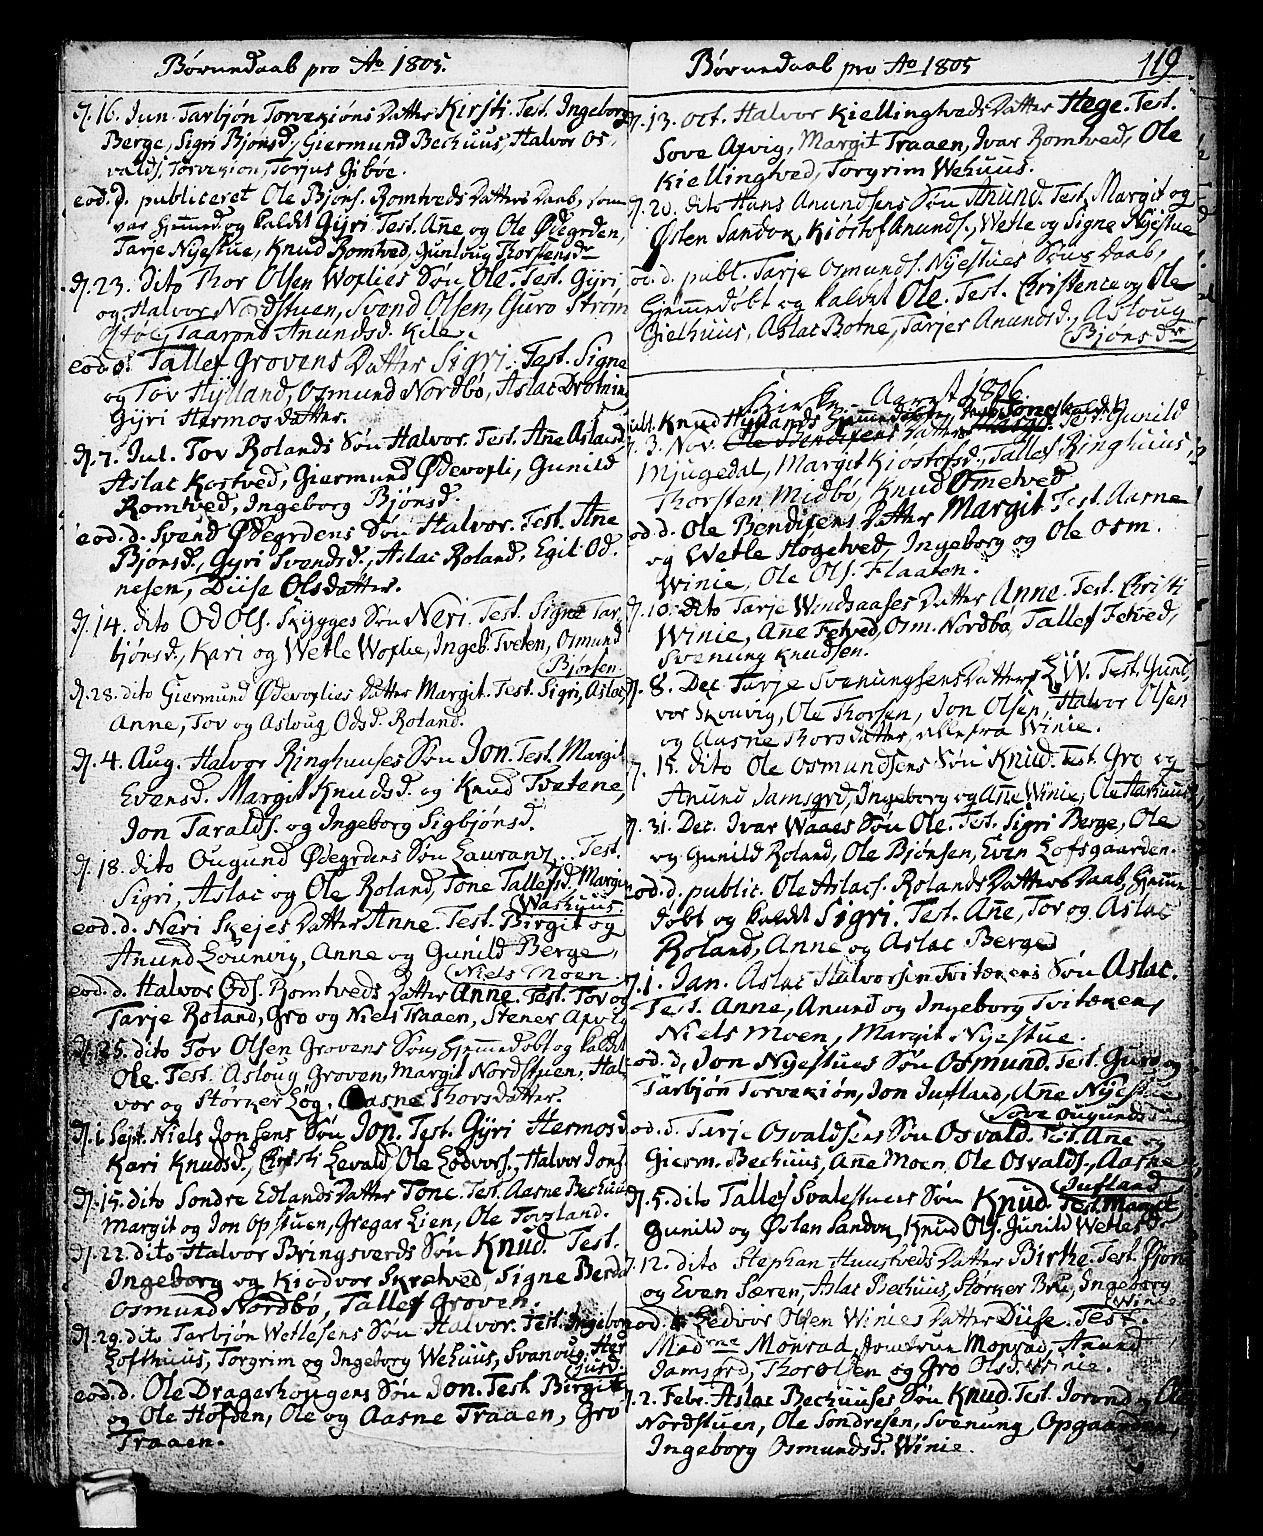 SAKO, Vinje kirkebøker, F/Fa/L0002: Ministerialbok nr. I 2, 1767-1814, s. 119